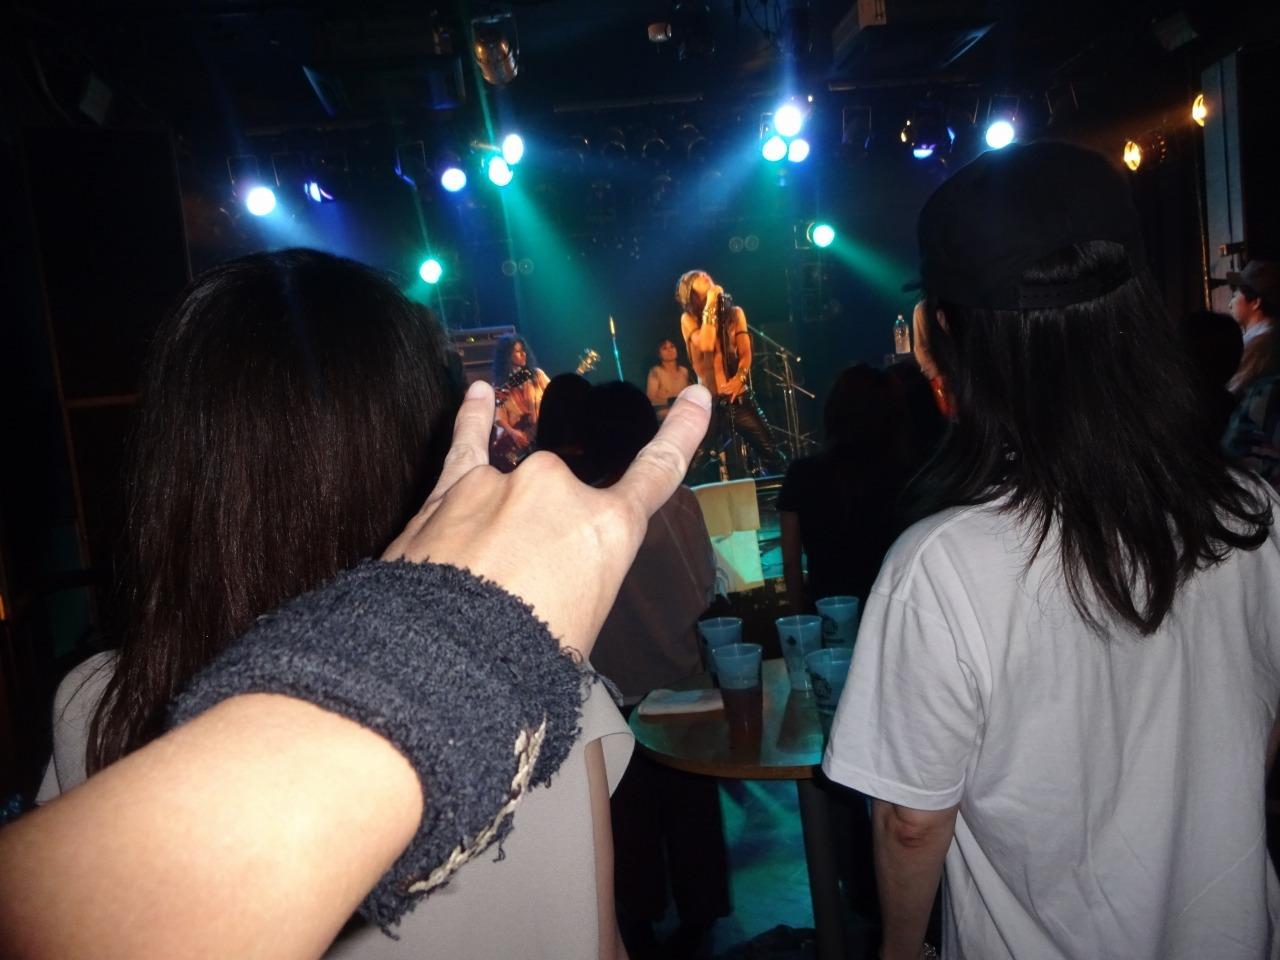 先輩TOMO氏のライブを観に行く!西川口ハーツ!_d0061678_16593565.jpg